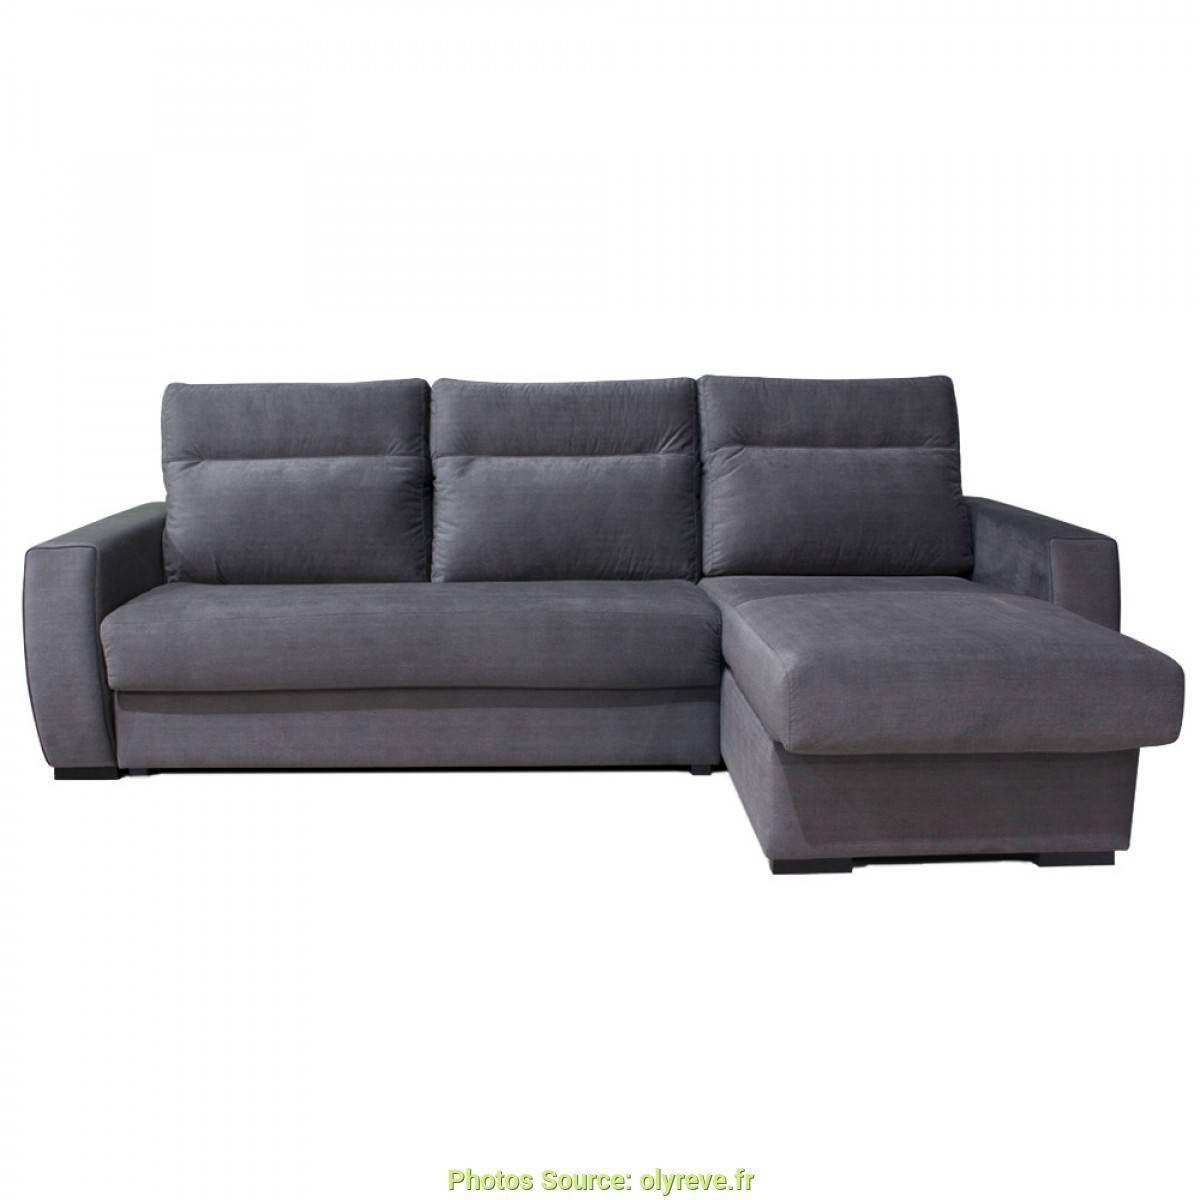 Canape Paiement 4 Fois Ikea Paiement En Plusieurs Fois Sans Frais Maison Design In 2020 Home Decor Sectional Couch Couch